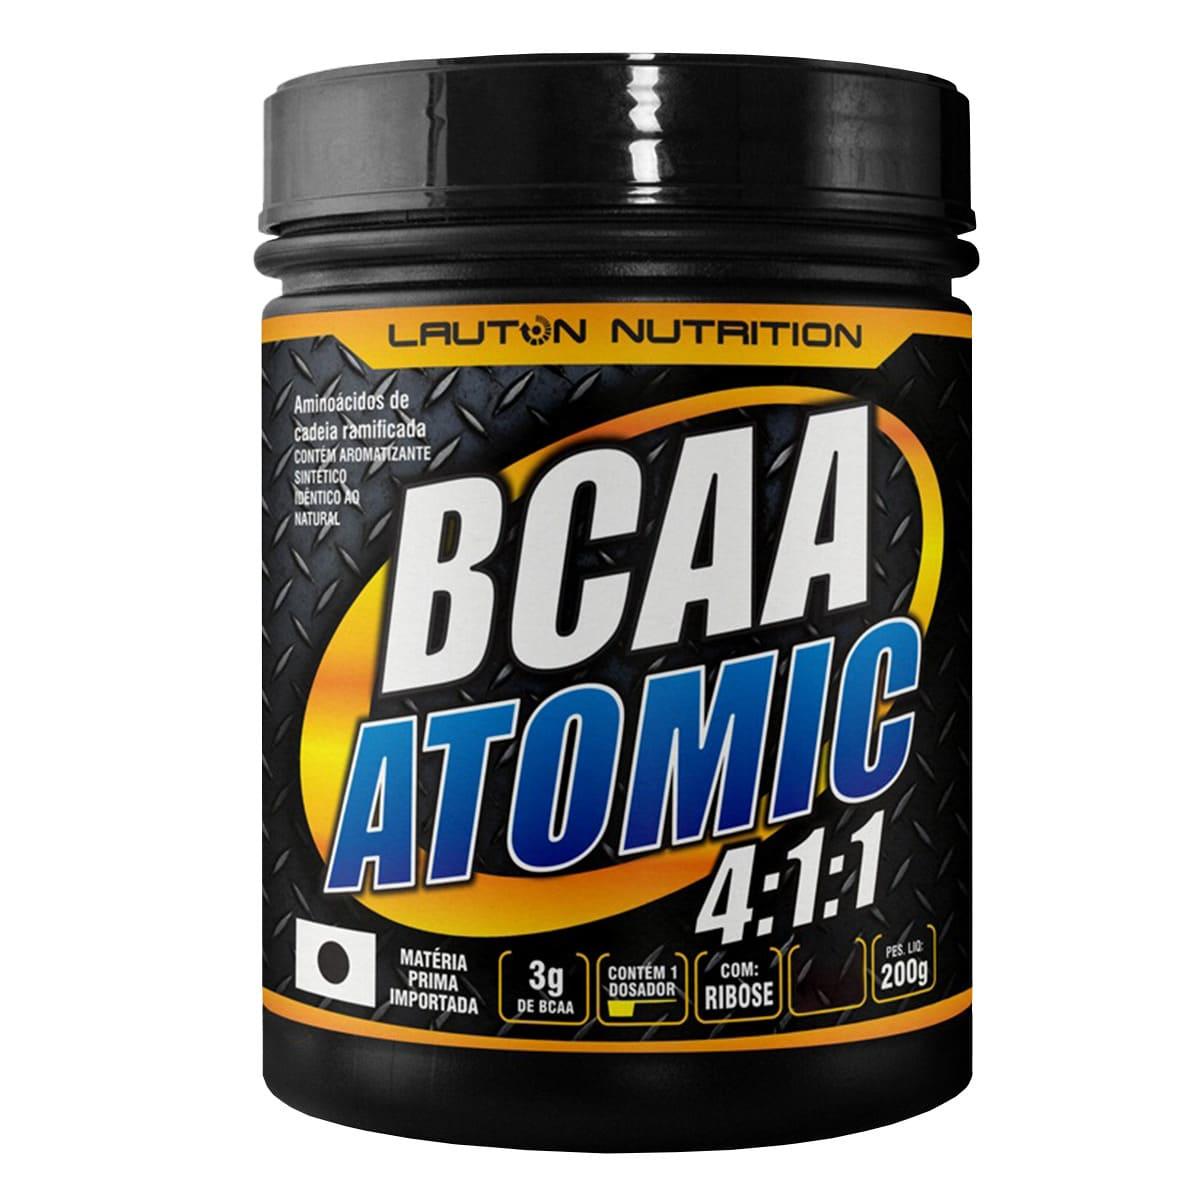 BCAA Atomic 4:1:1 200g - Lauton Nutrition